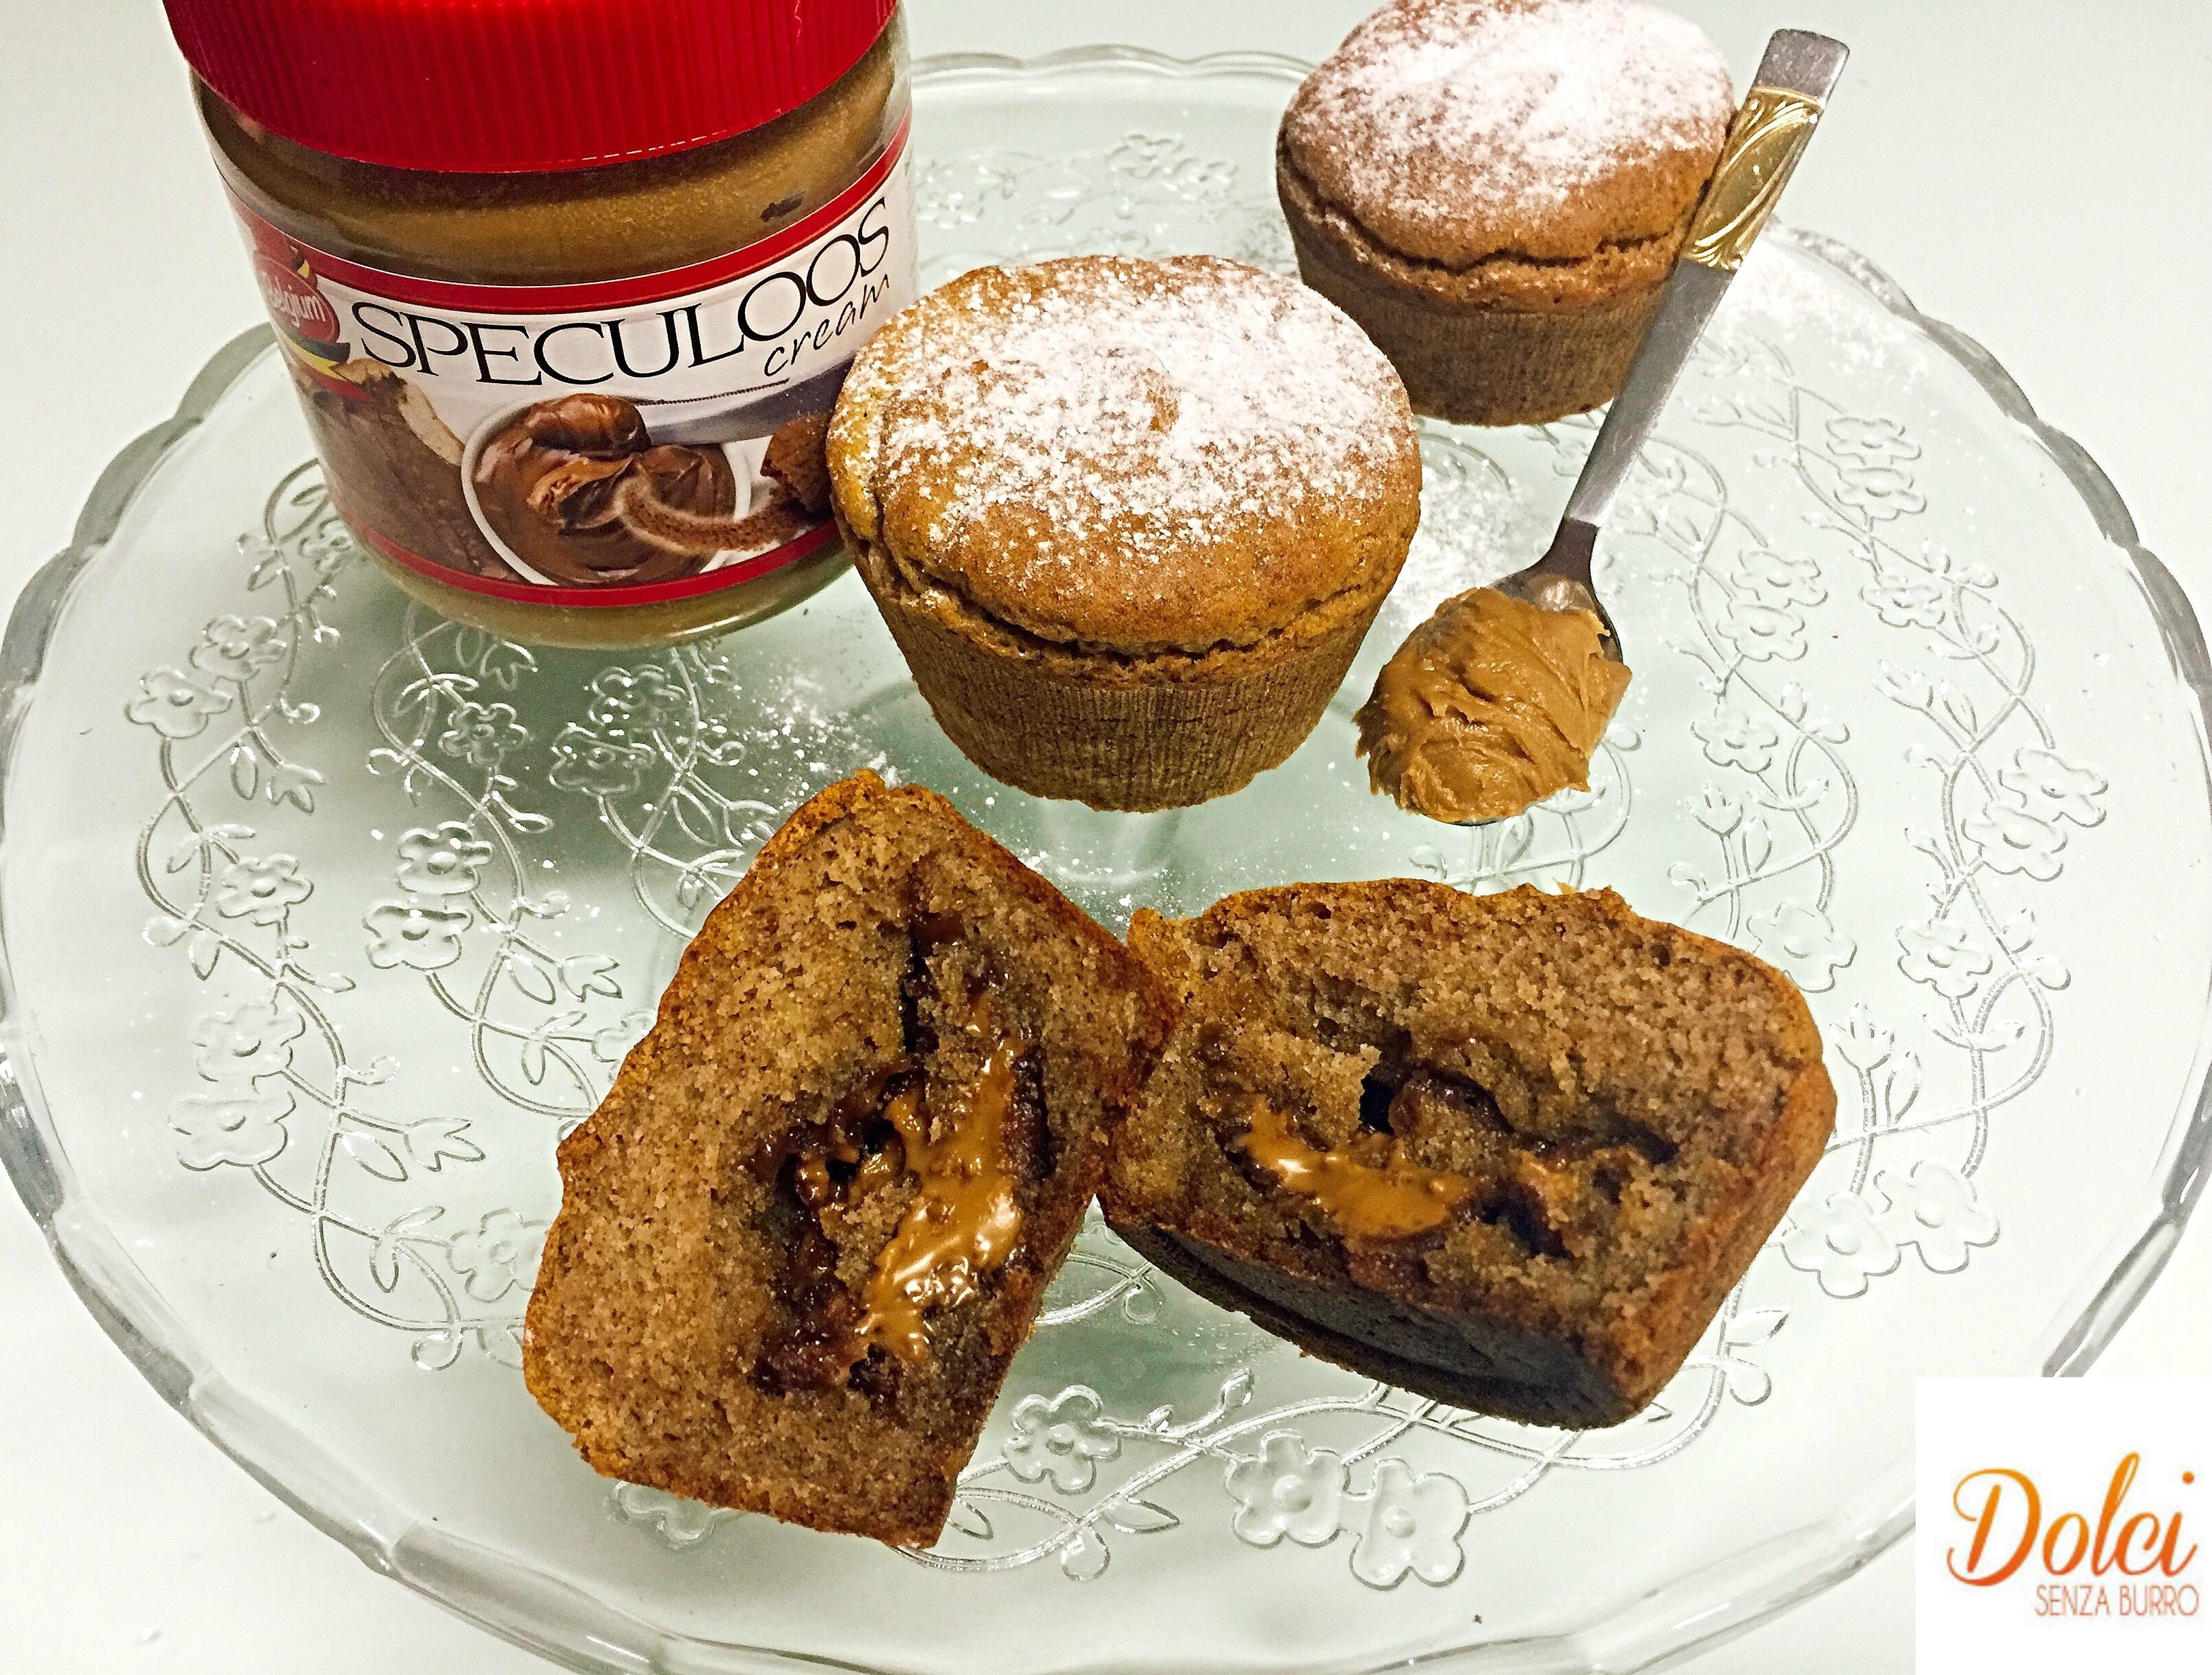 Muffin alla Crema di Speculoos Senza Burro! Dei soffici e golosi muffin con un cuore speciale di crema realizzata con gli omonimi biscotti belgi da dolci senza burro